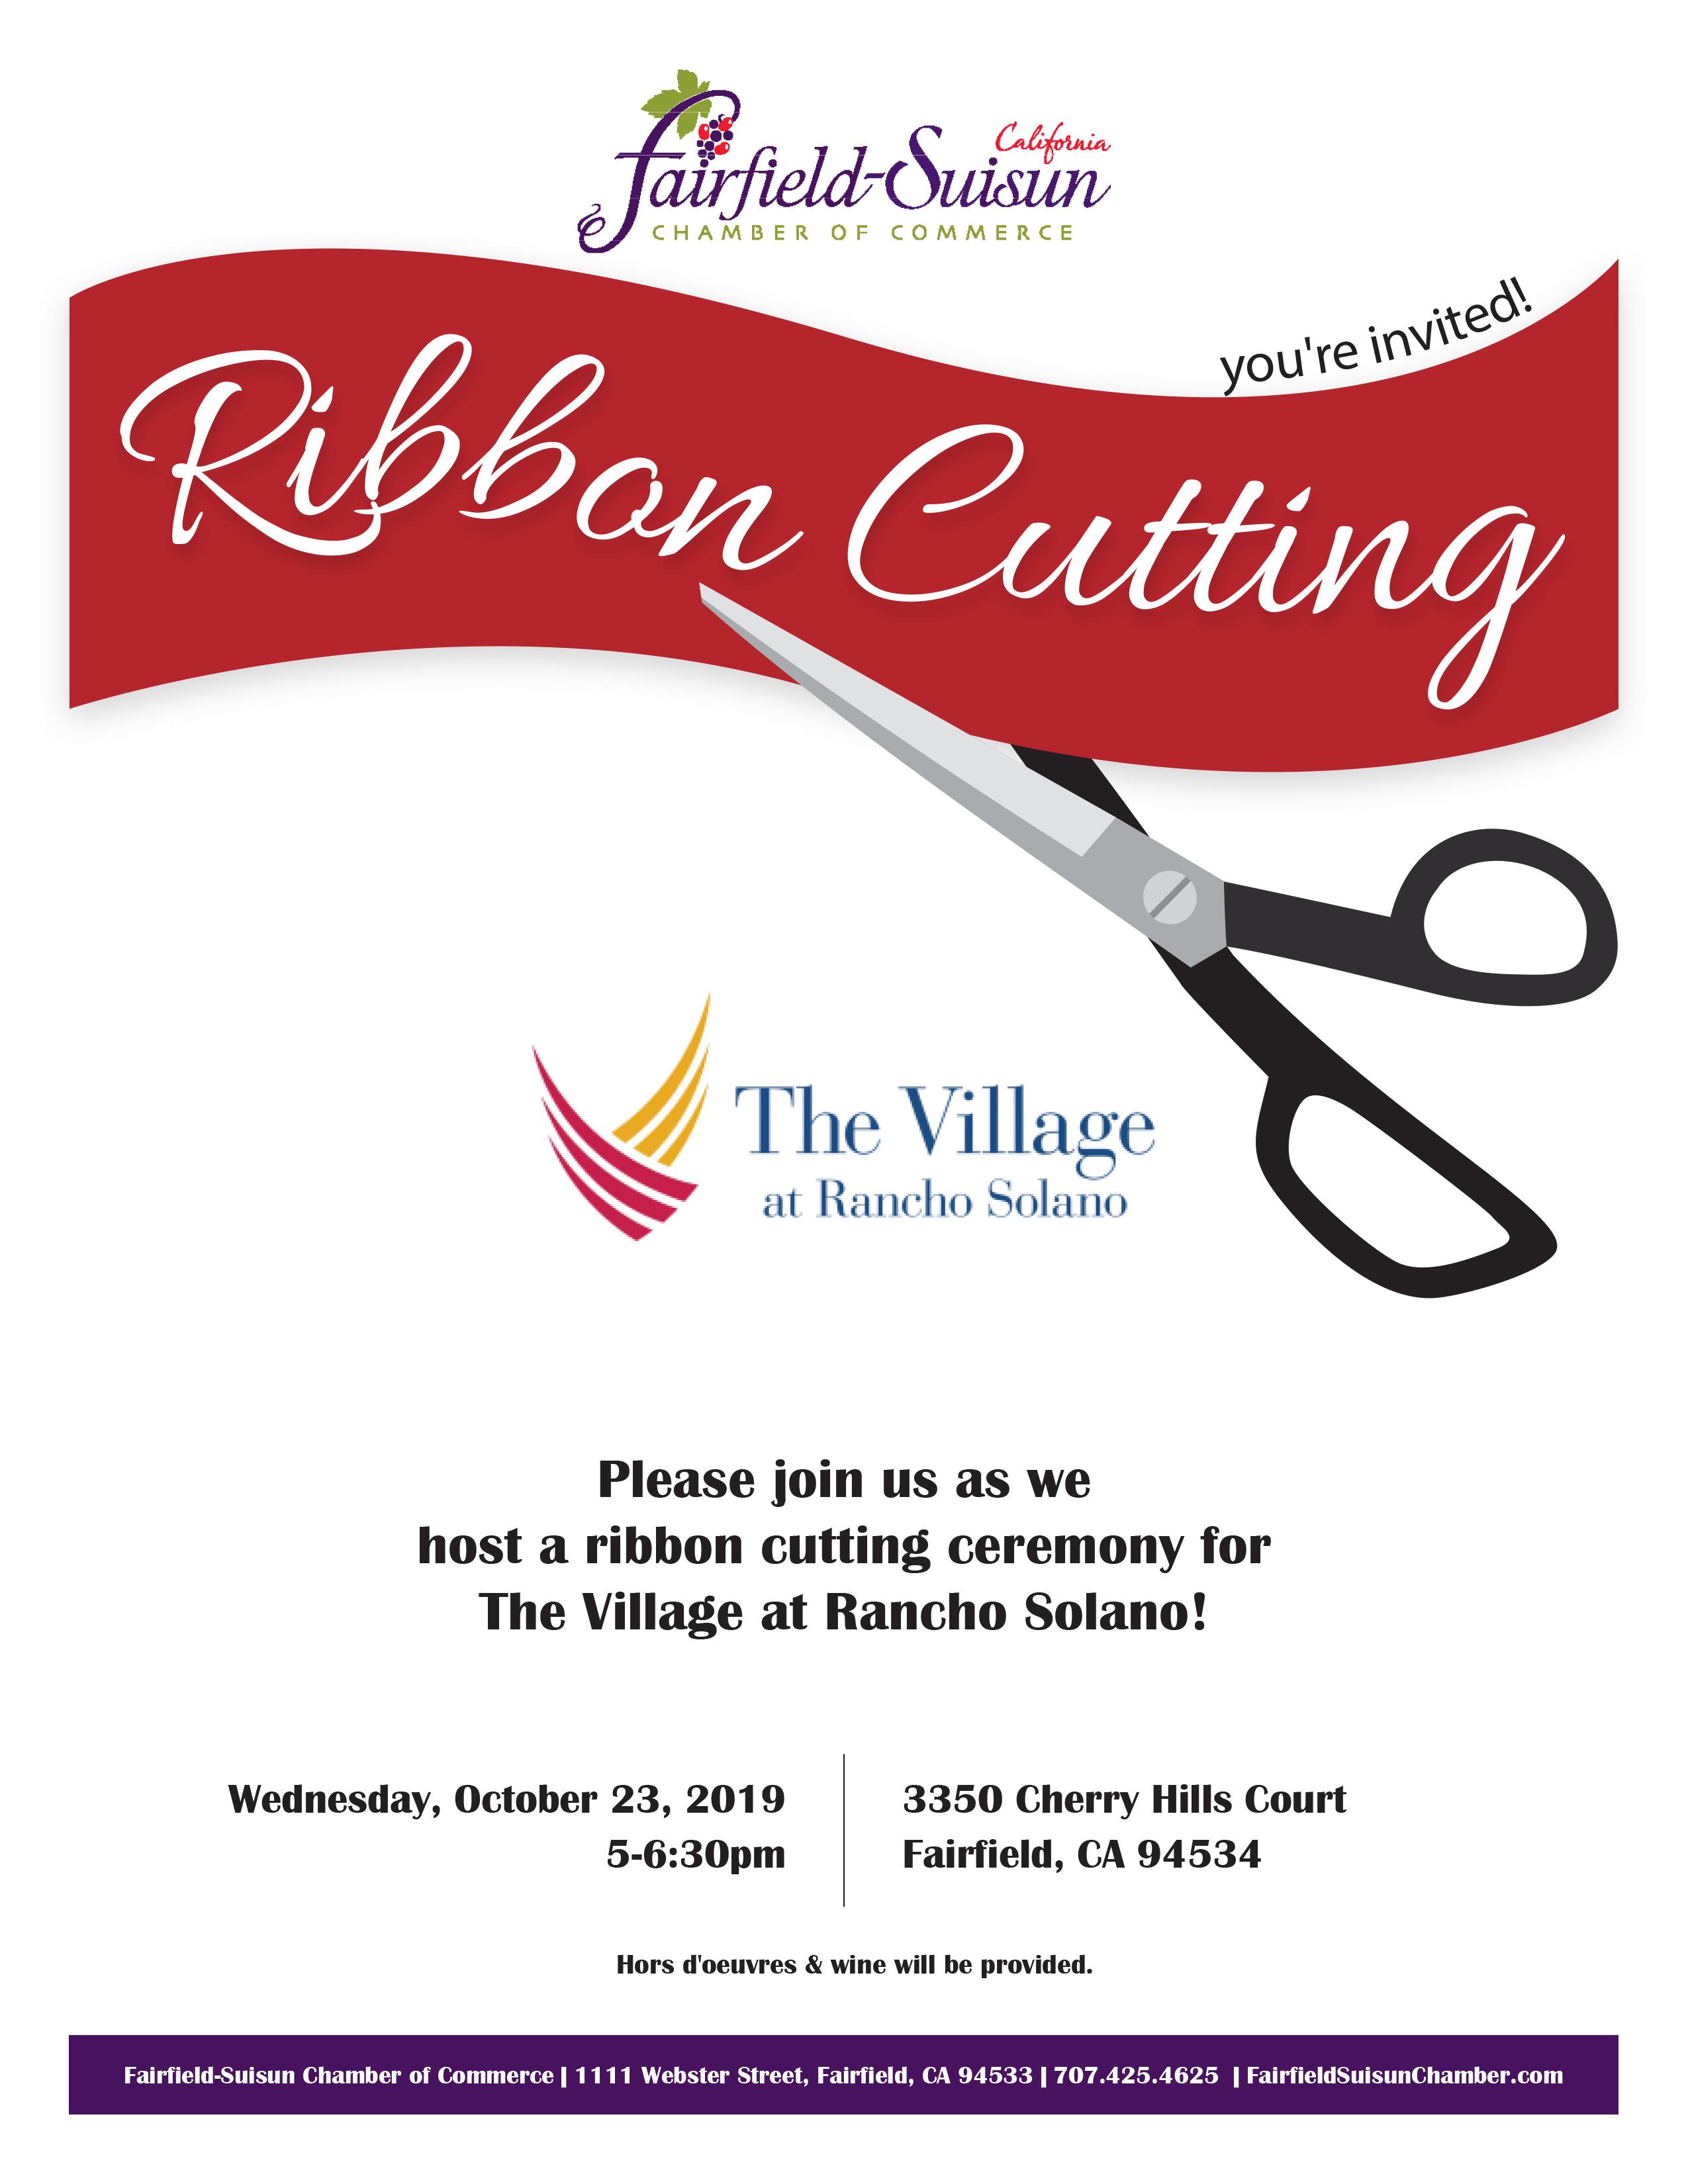 The_Village_at_Rancho_Solano_Ribbon_Cutting_October_2019